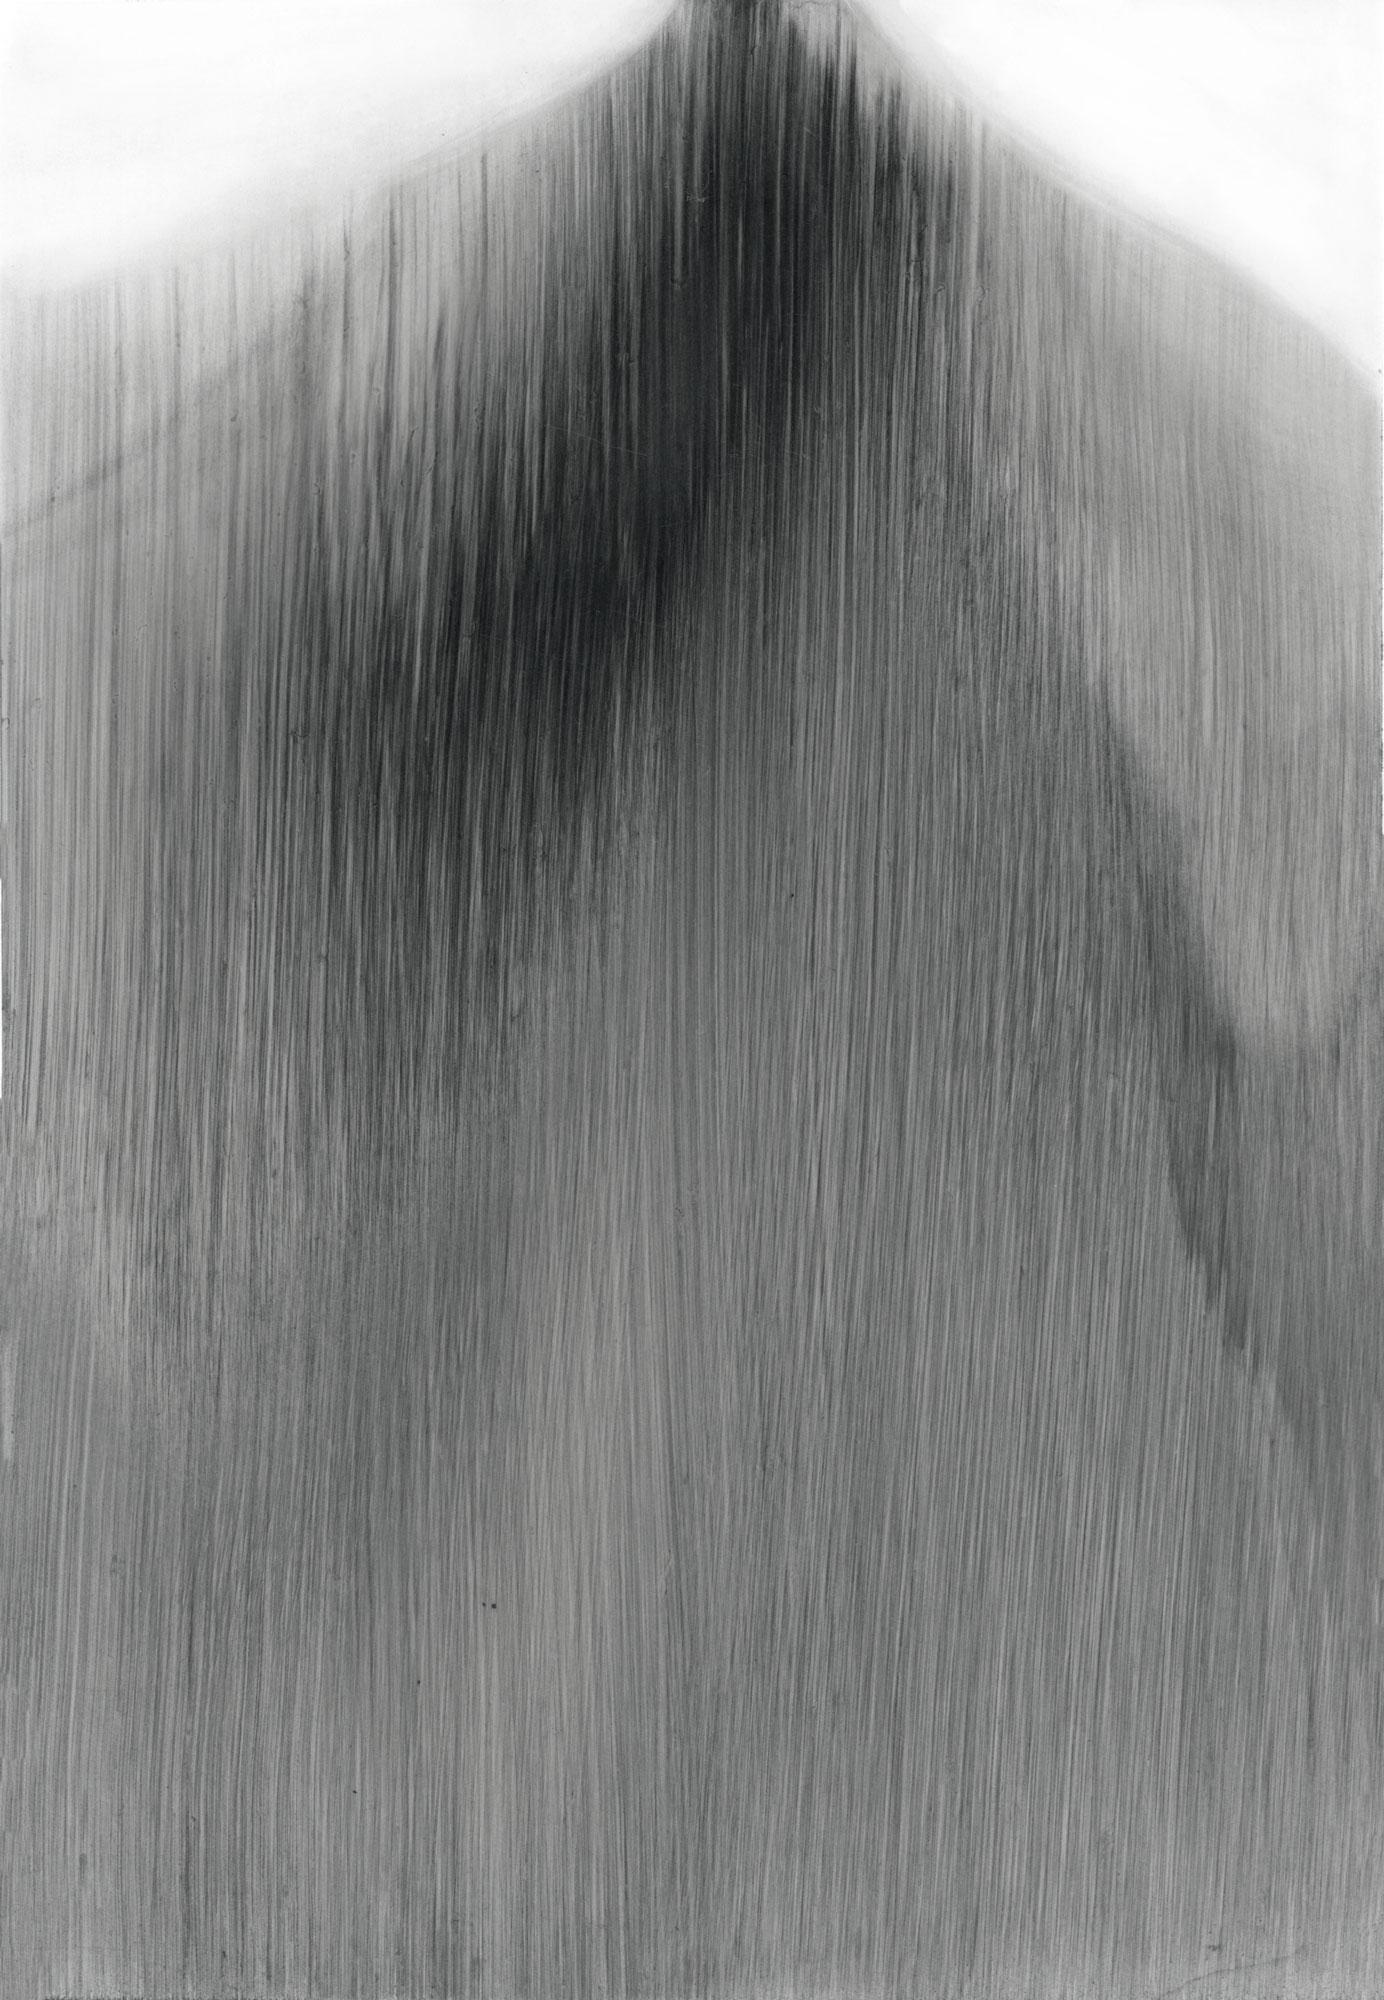 After the Rain: Castel Sant Elia 9.20